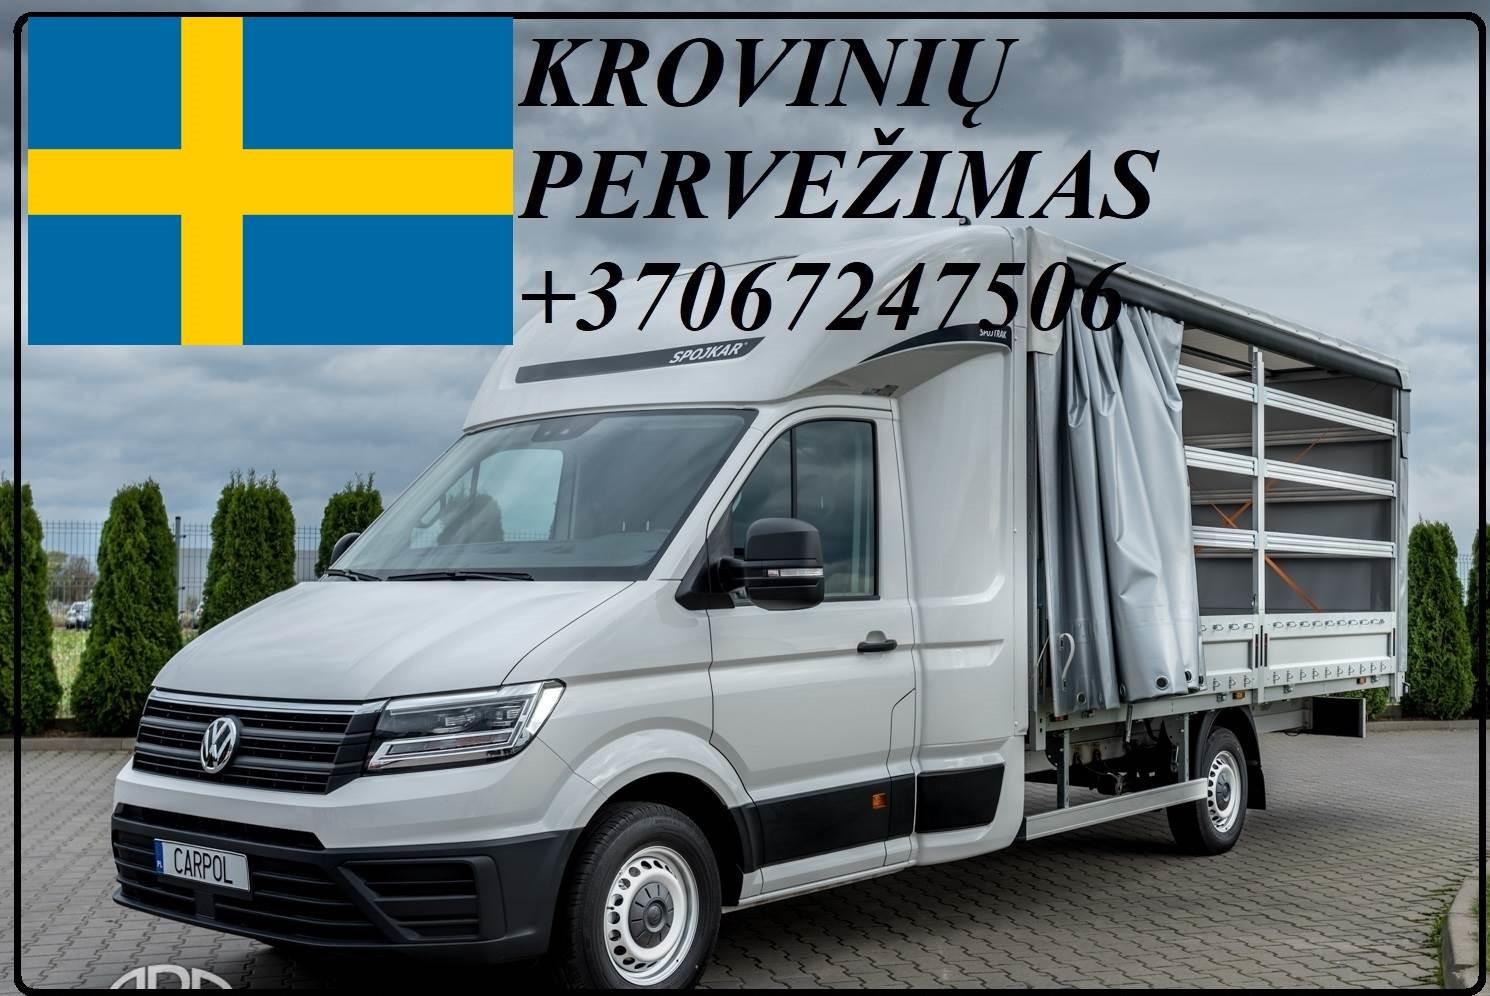 Krovinių Pervežimas iš Lietuvos į Švediją iš Svedijos į Lietuvą.